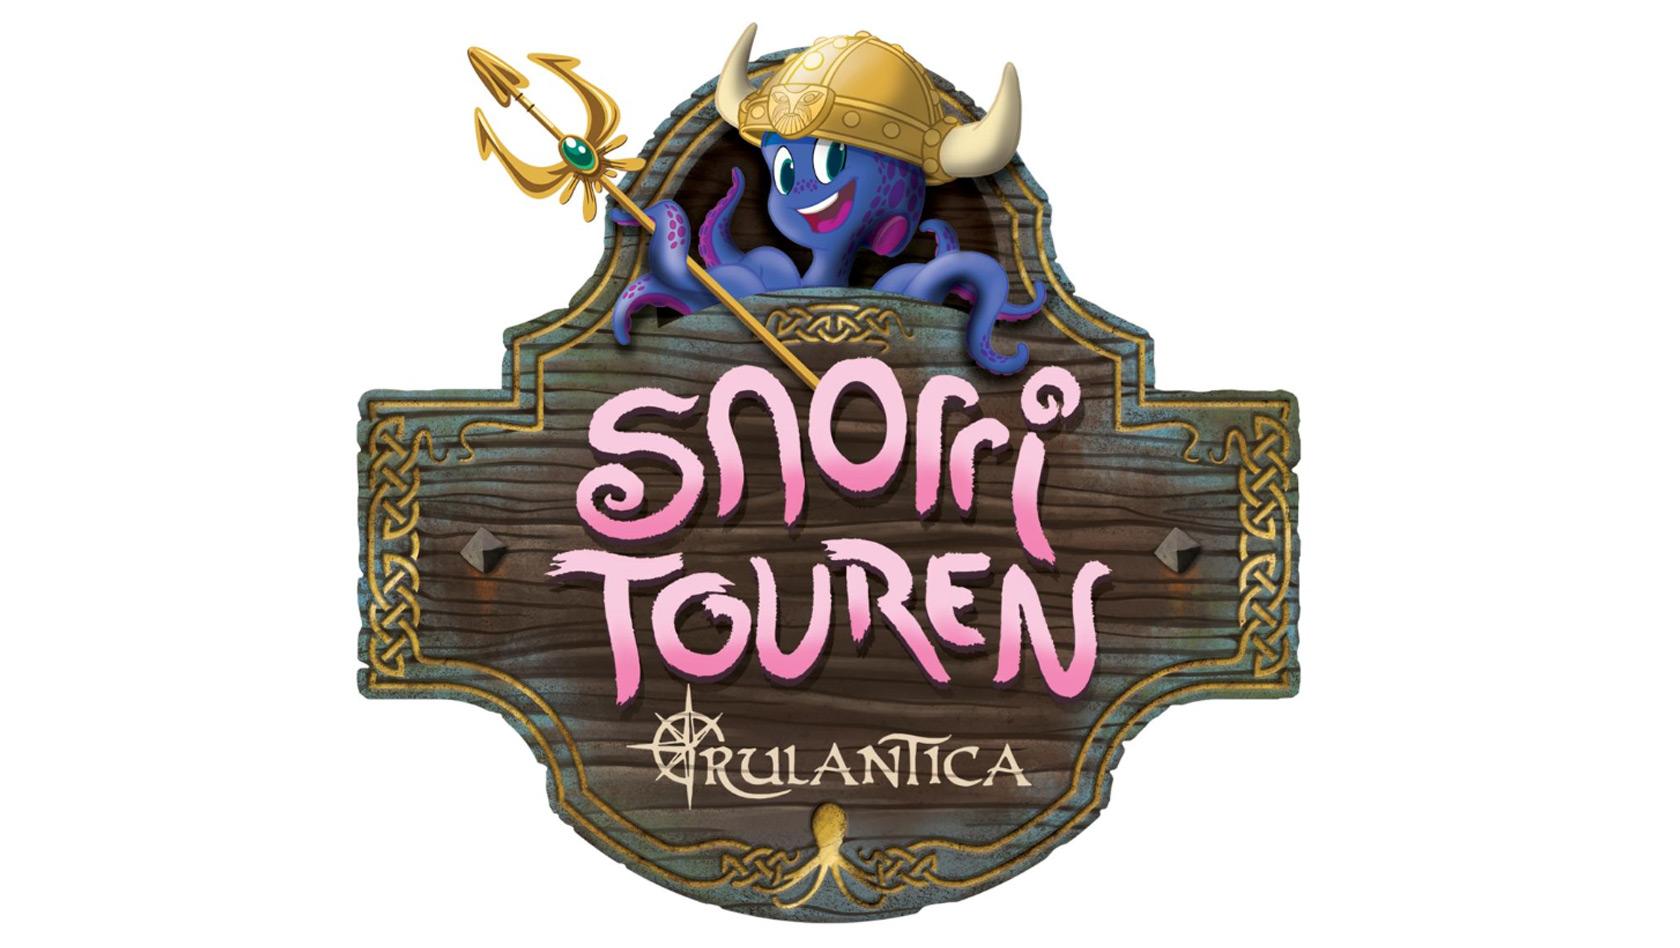 Snorri Touren